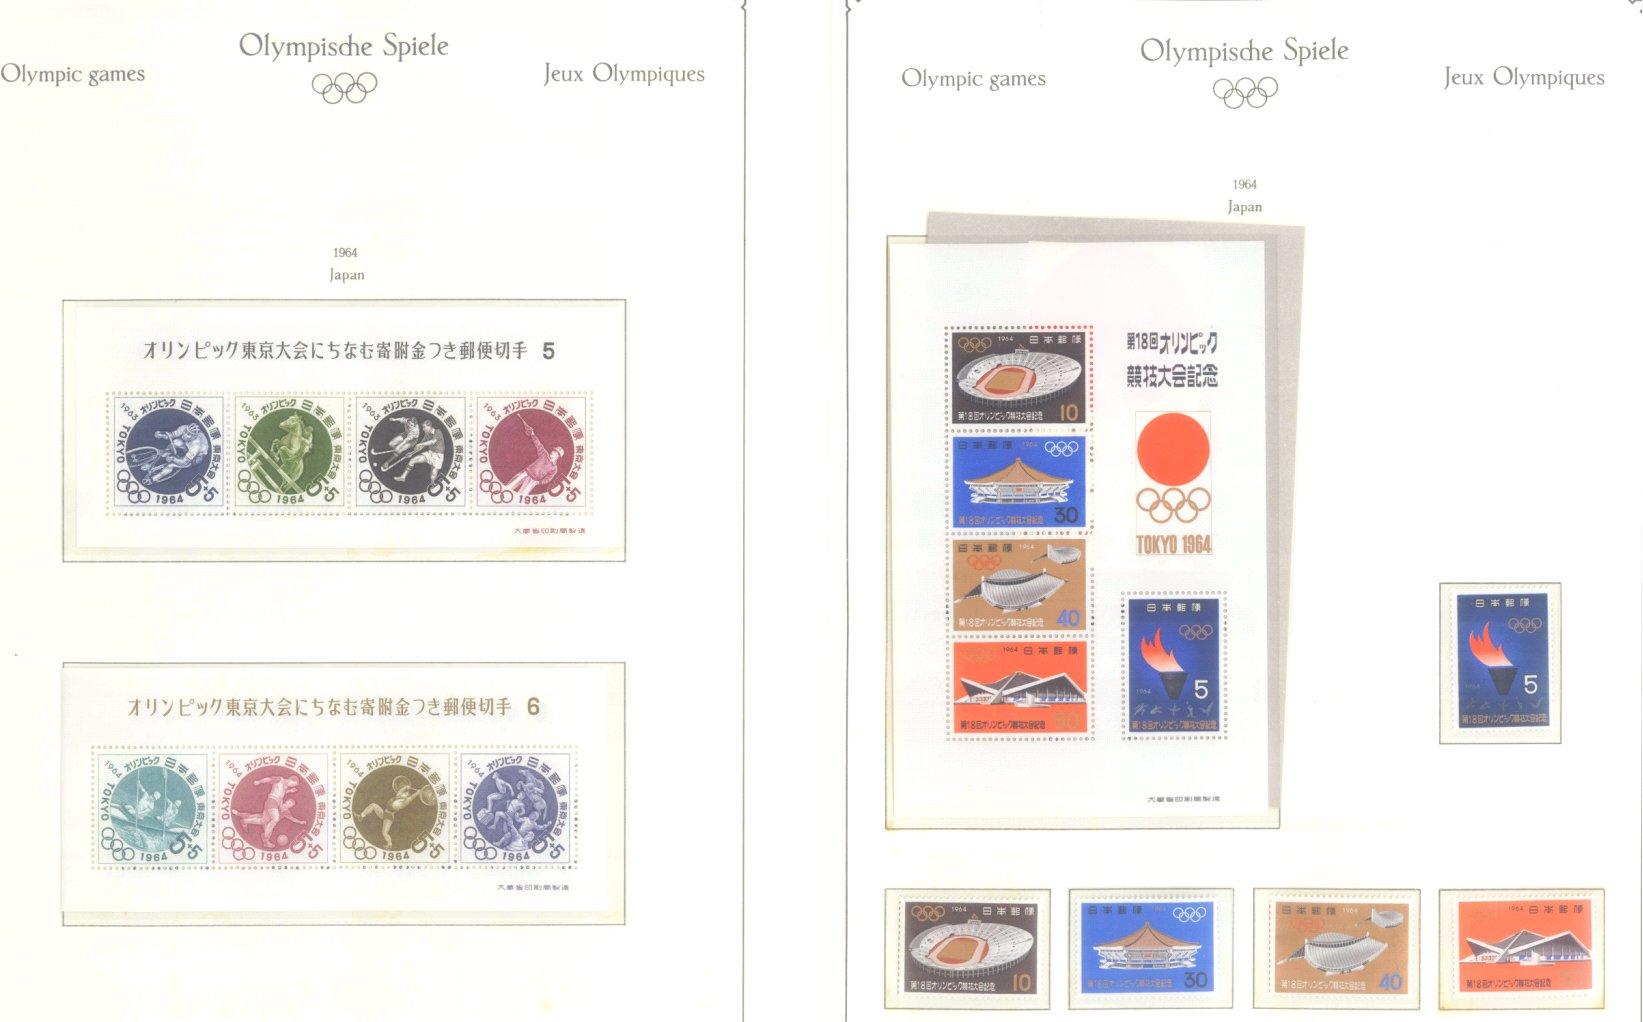 OLYMPISCHE SPIELE 1964 TOKIO, postfrische Sammlung Teil 1-28